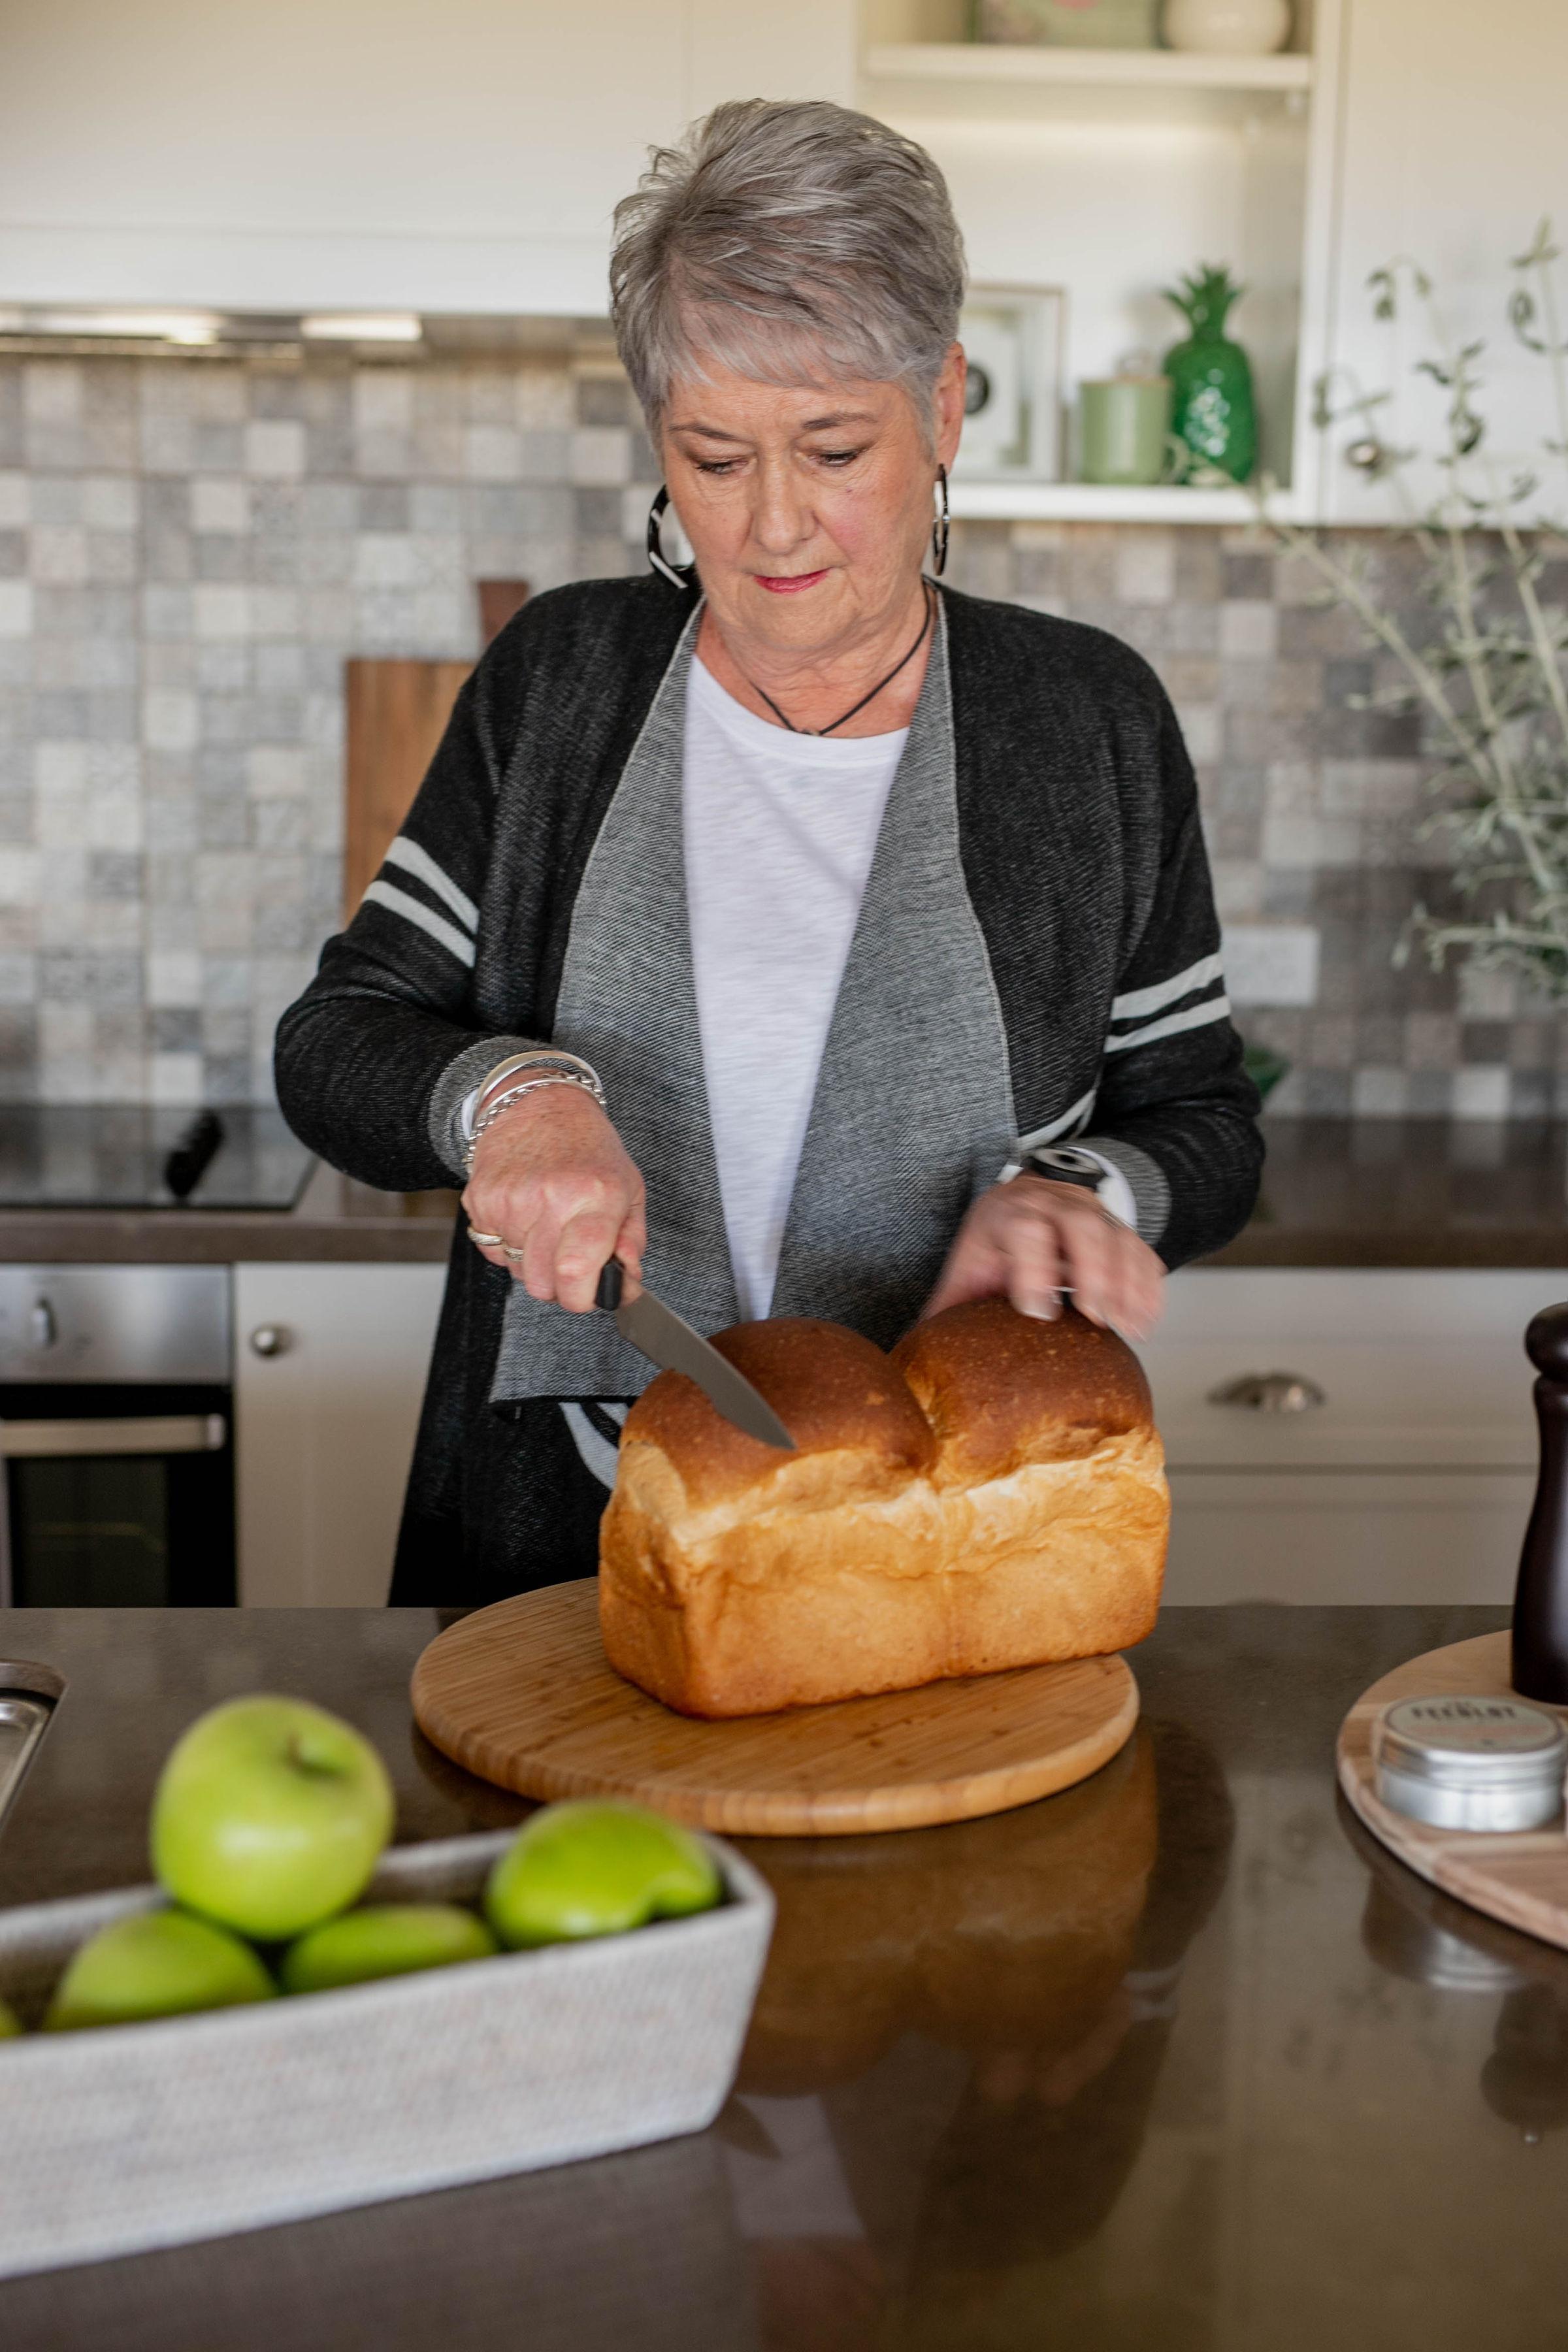 Shirley cutting bread